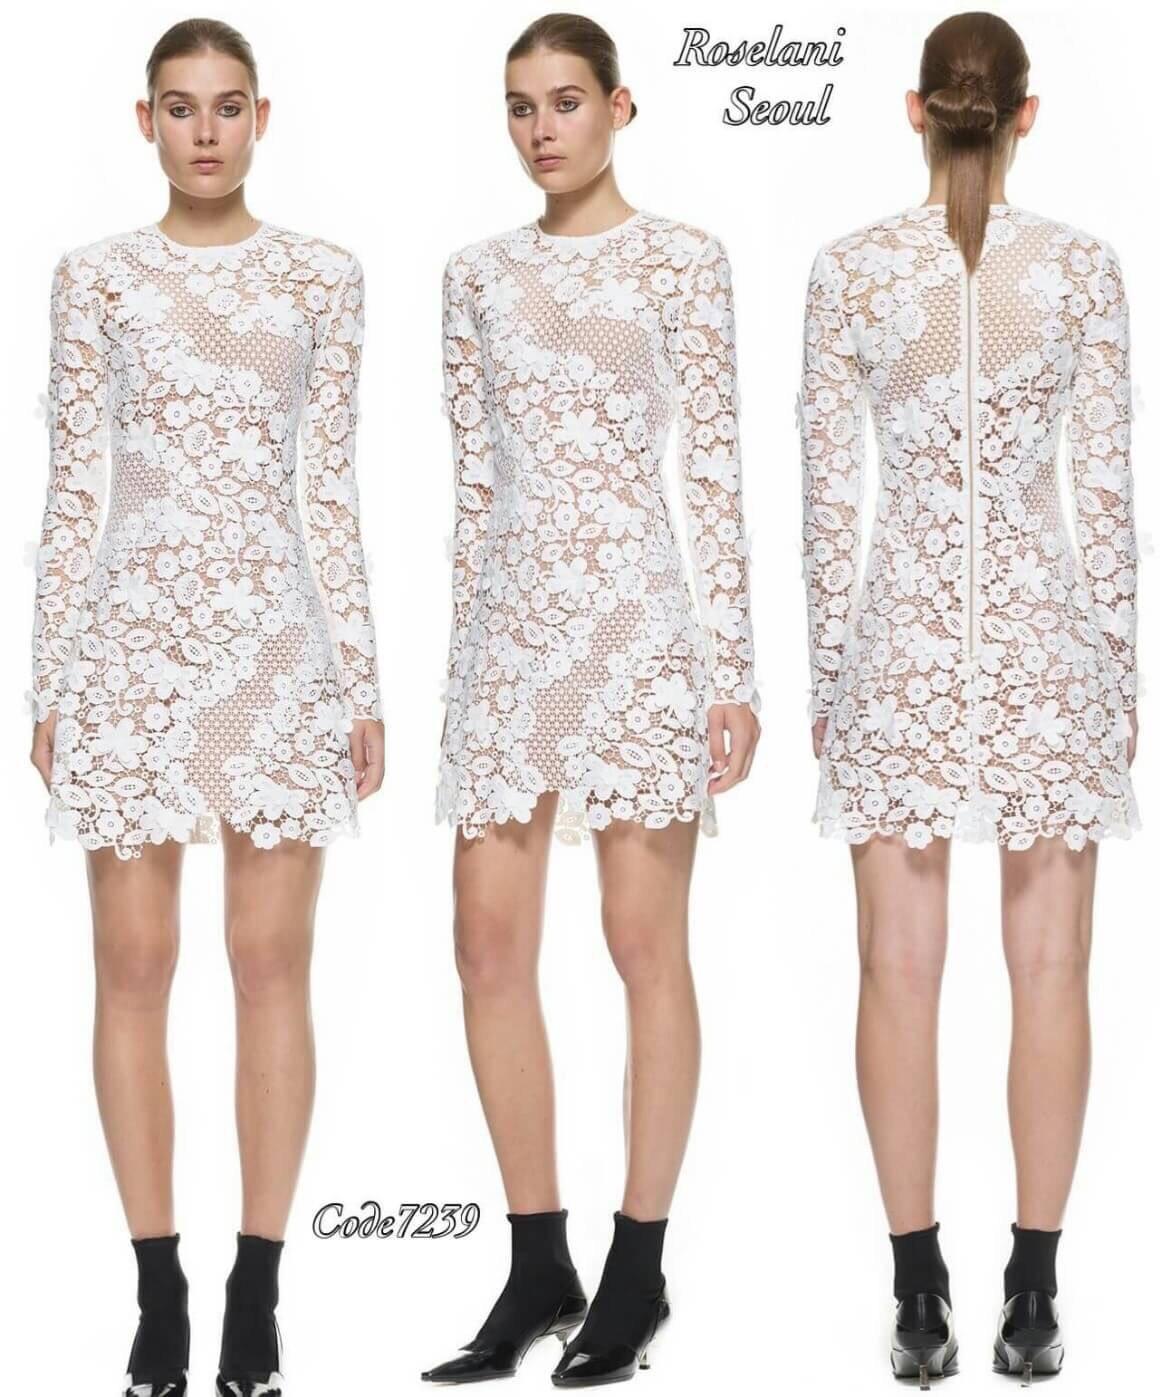 3d floral mini dress ชุดเดรสมินิลูกไม้ 3มิติ แขนยาว ลูกไม้ฉลุลายดอก